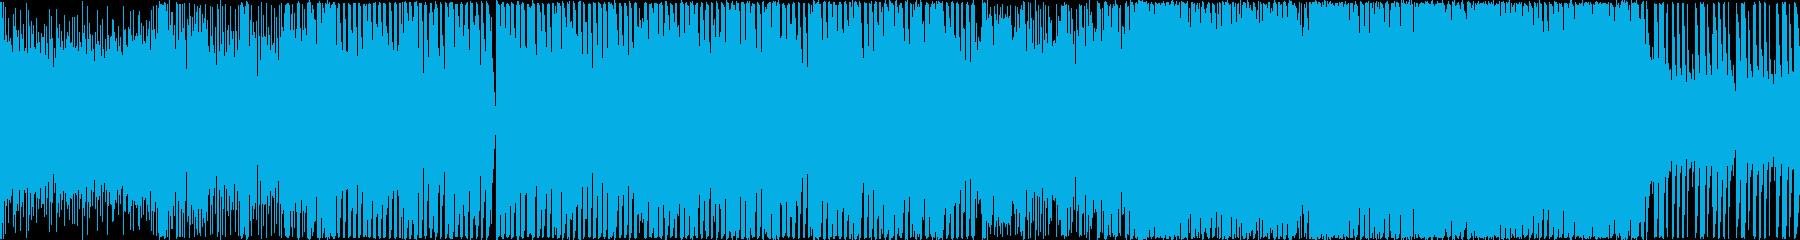 超高速でかわいいテクノポップ ループ推奨の再生済みの波形